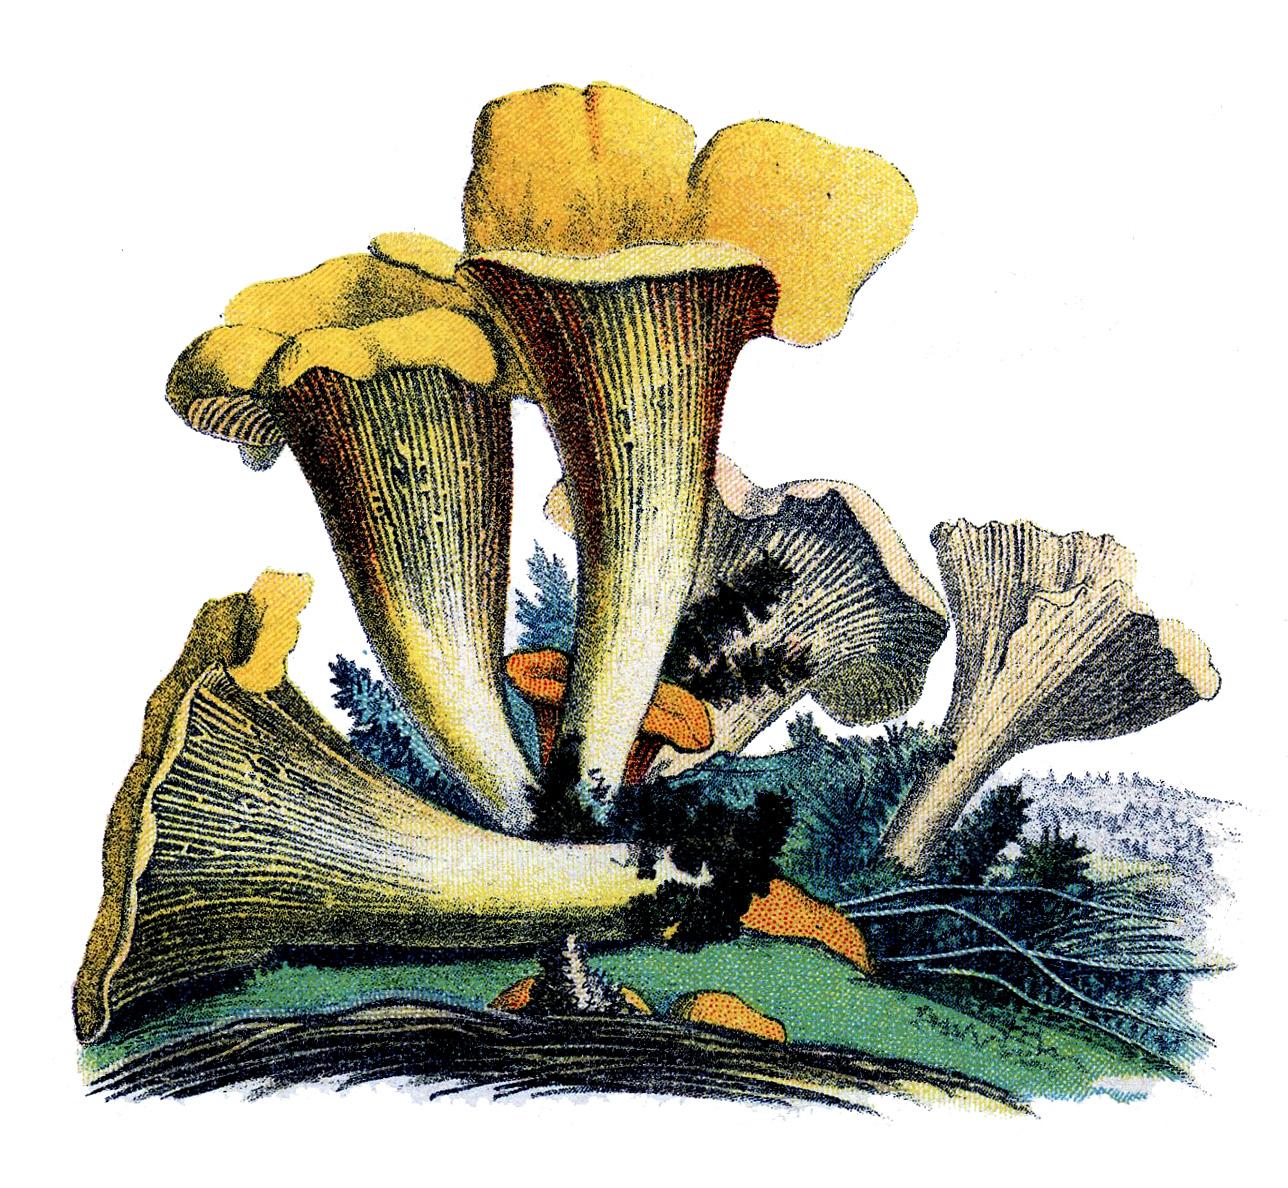 Vintage Botanical Graphic - Yellow Mushrooms